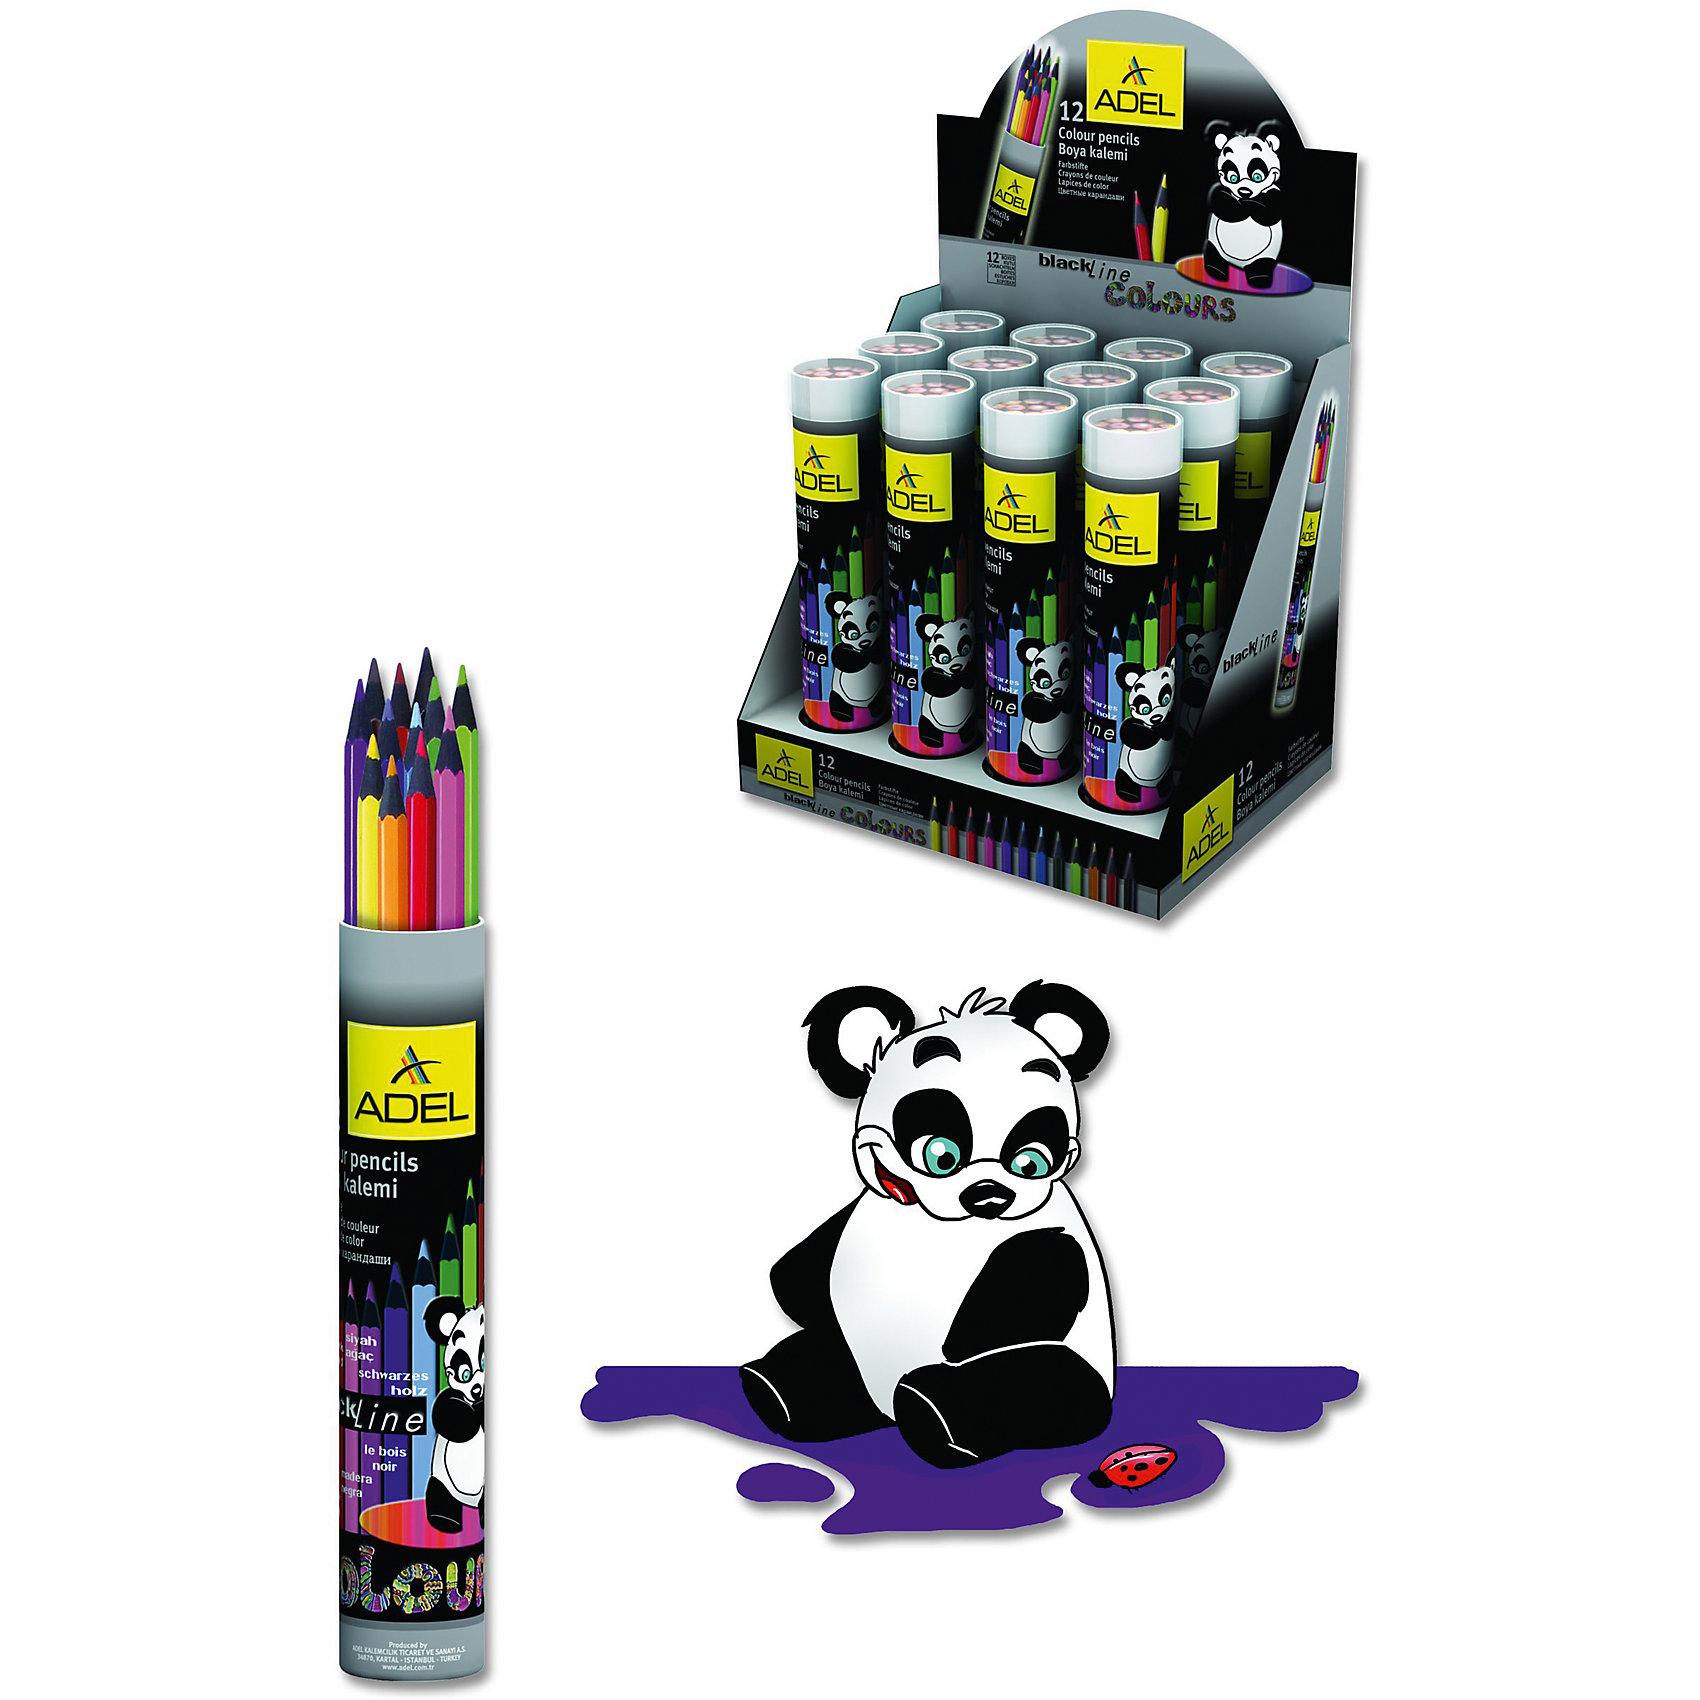 ADEL Карандаши цветные Colour в алюминиевом тубусе, 12 цветов.Рисование<br>Высококачественные цветные карандаши шестигранной классической формы с супермягким грифелем толщиной 3 мм в алюминиевом тубусе.  Корпус из черного дерева с покрытием лаком в цвет грифеля. Цвета яркие, насыщенные. Легкое затачивание.<br><br>Ширина мм: 190<br>Глубина мм: 32<br>Высота мм: 32<br>Вес г: 110<br>Возраст от месяцев: 36<br>Возраст до месяцев: 2147483647<br>Пол: Унисекс<br>Возраст: Детский<br>SKU: 6725450